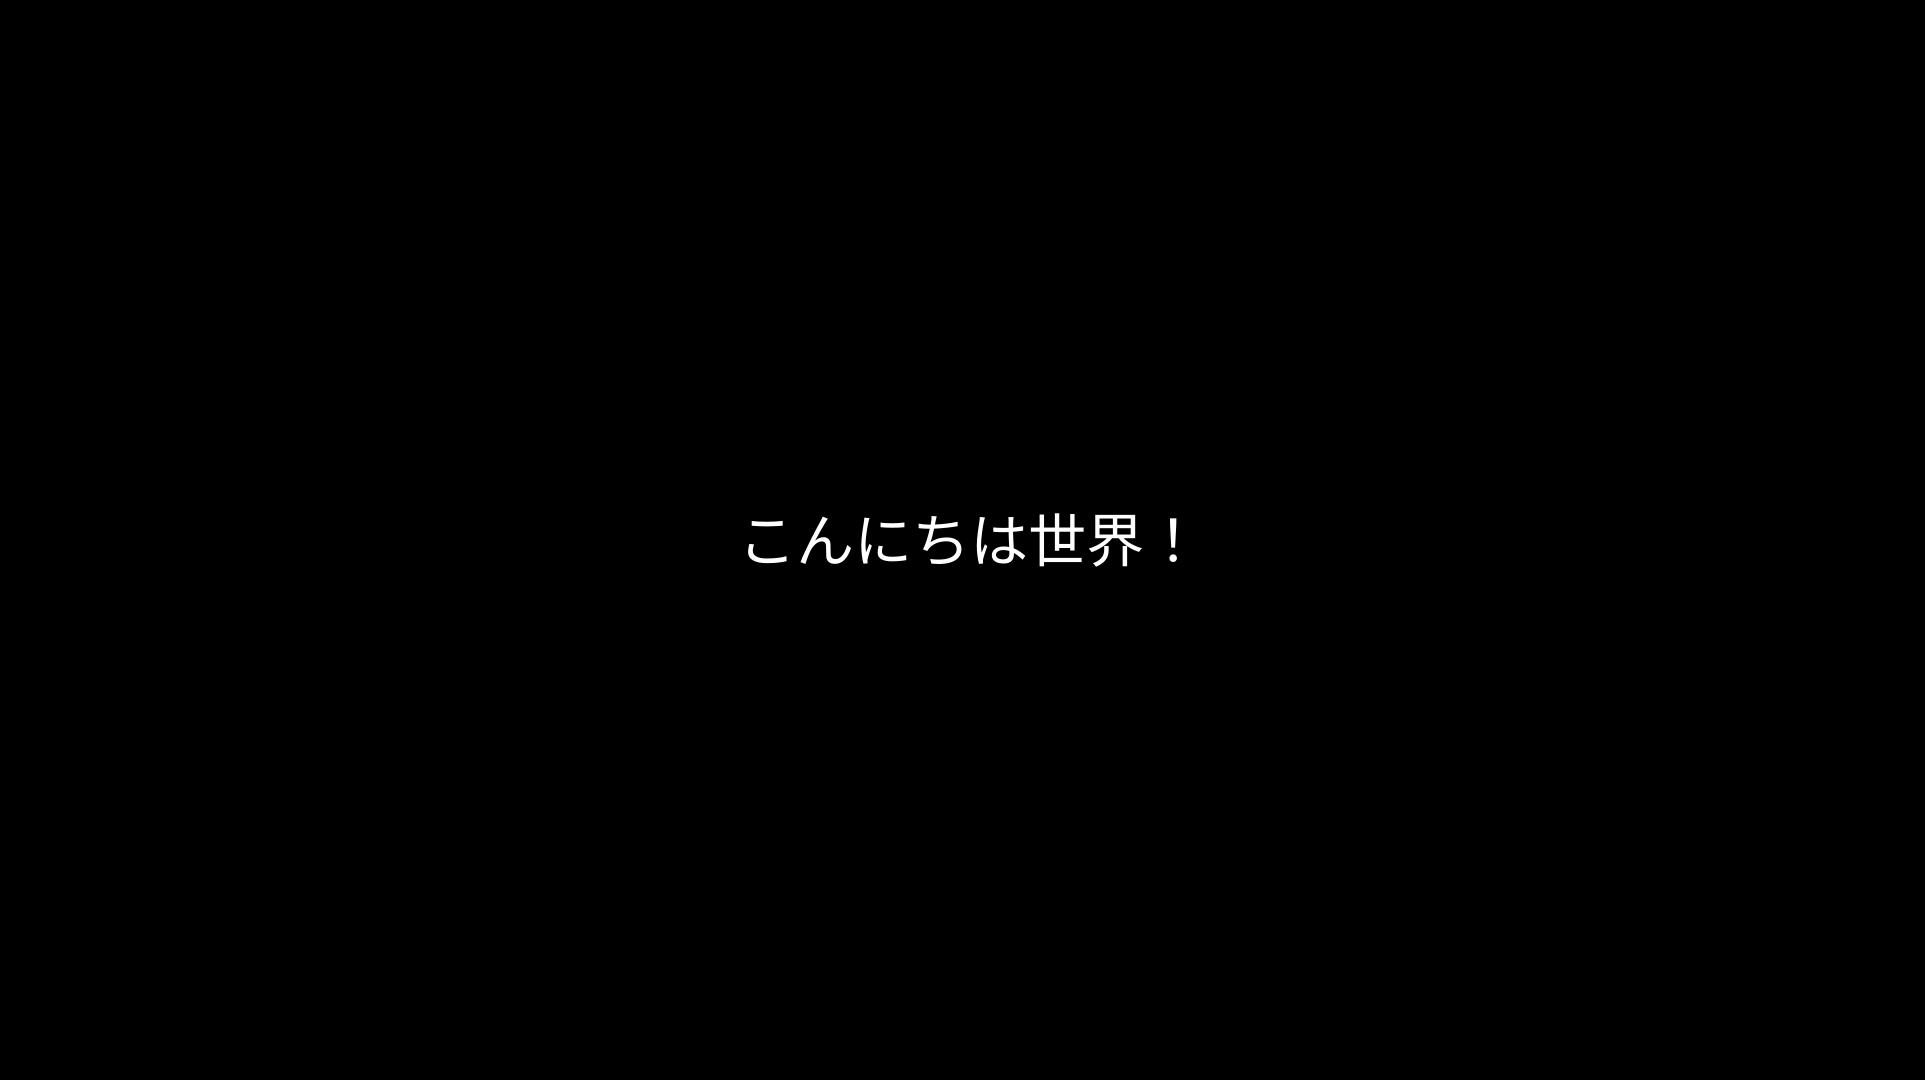 Japanese Typography 1925x1080